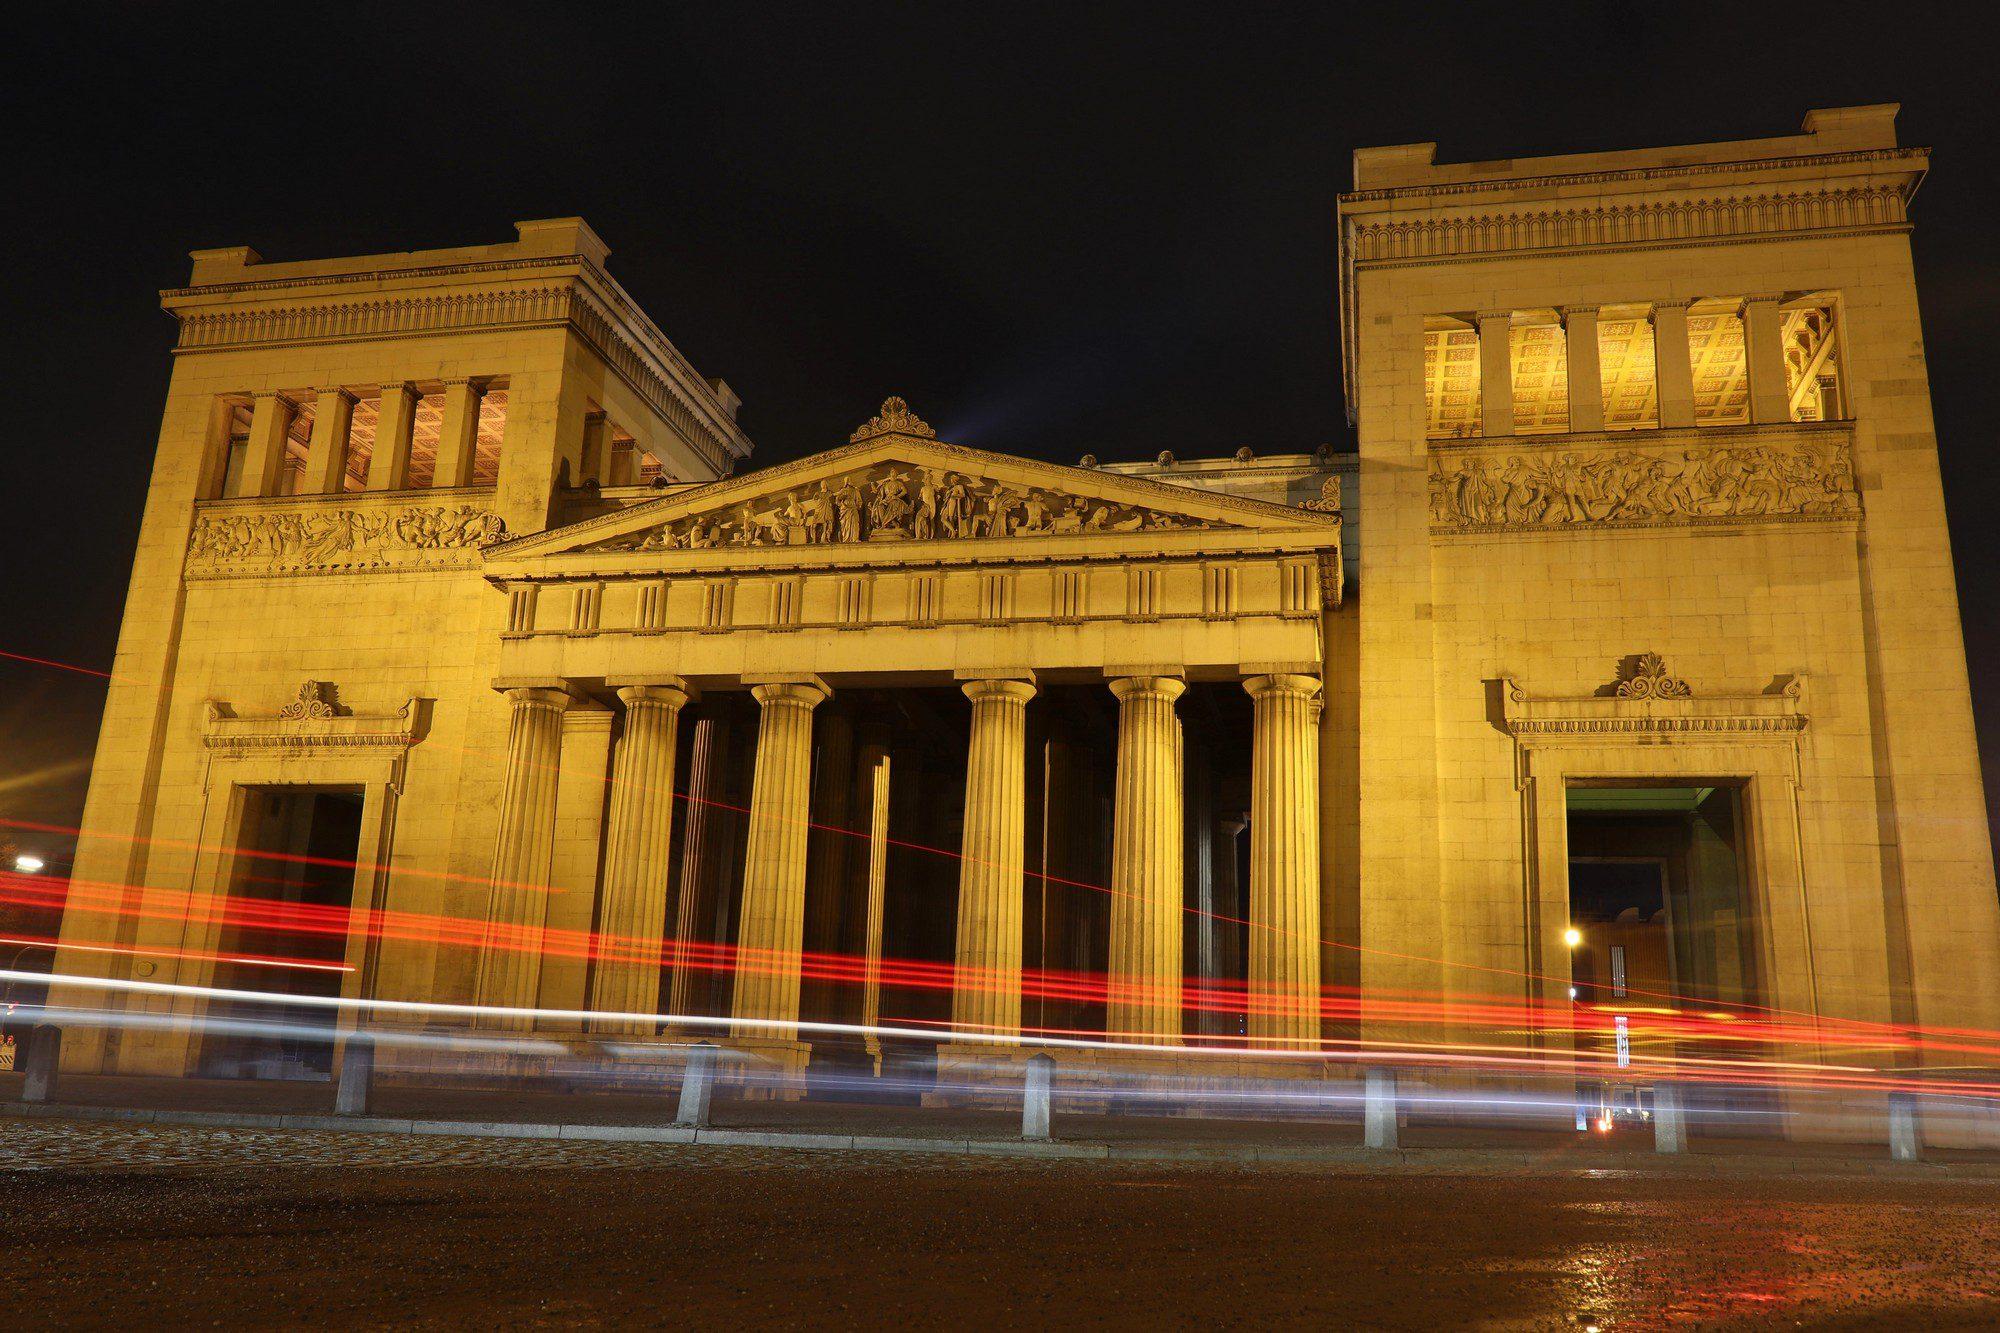 Blick auf die Propyläen am Königsplatz in München am Abend